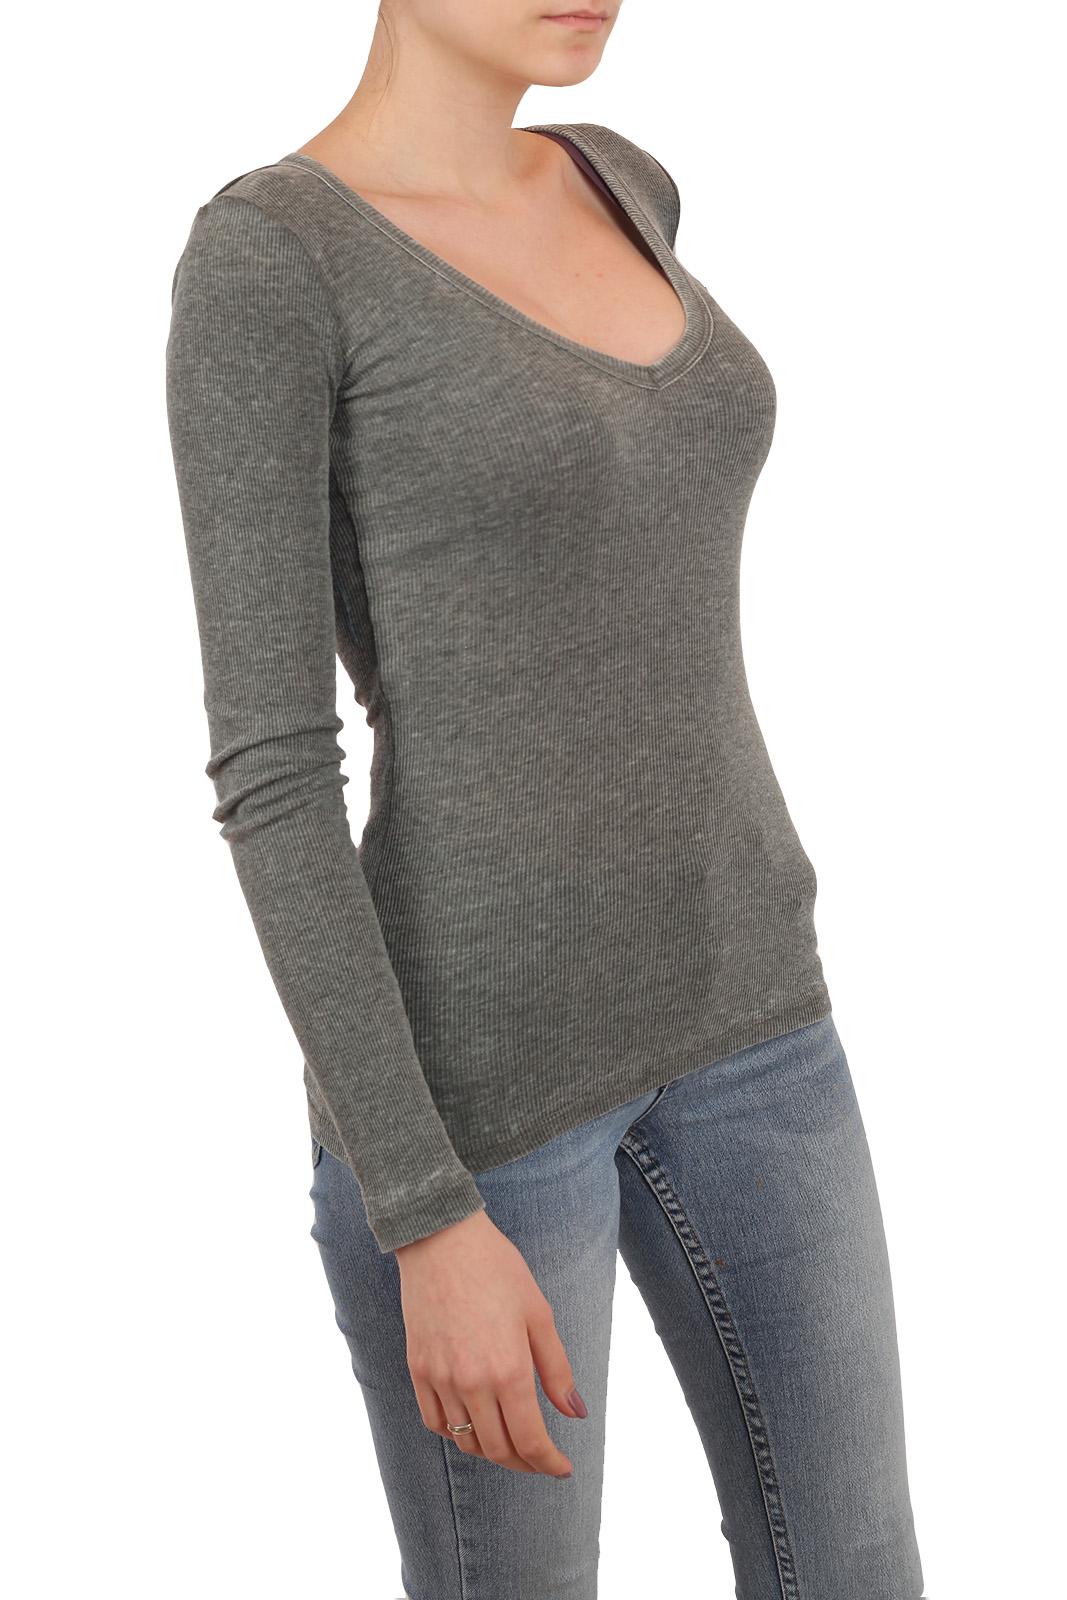 Женская кофта Cotton on мелкой машинной вязки. Для создания любого образа: городской романтик, старт кэжуал или деловой стиль